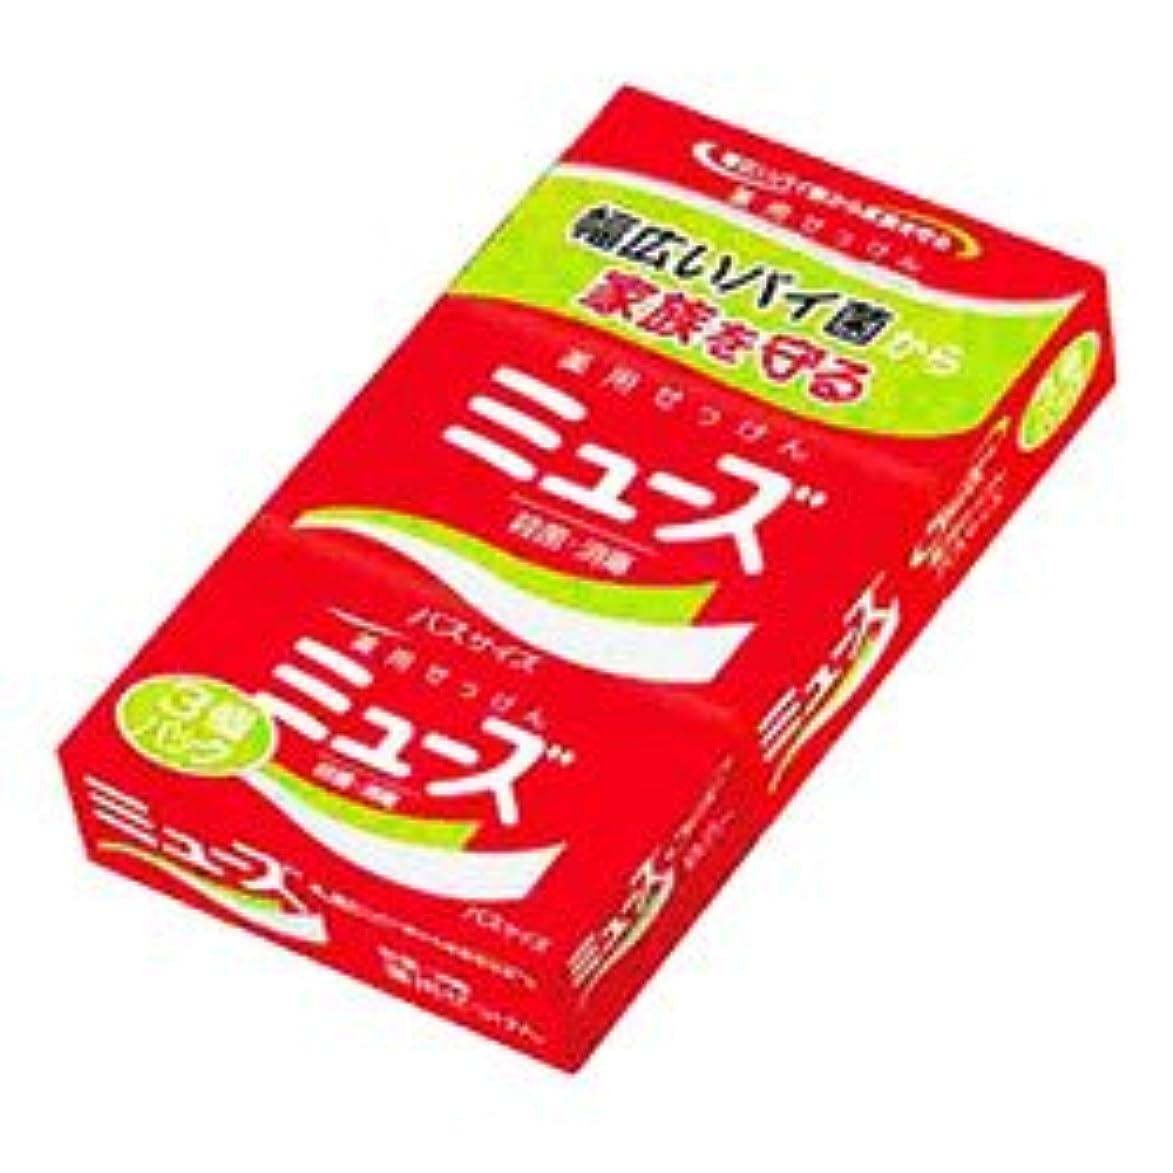 【アース製薬】ミューズ石鹸 バスサイズ 135g*3 ×20個セット